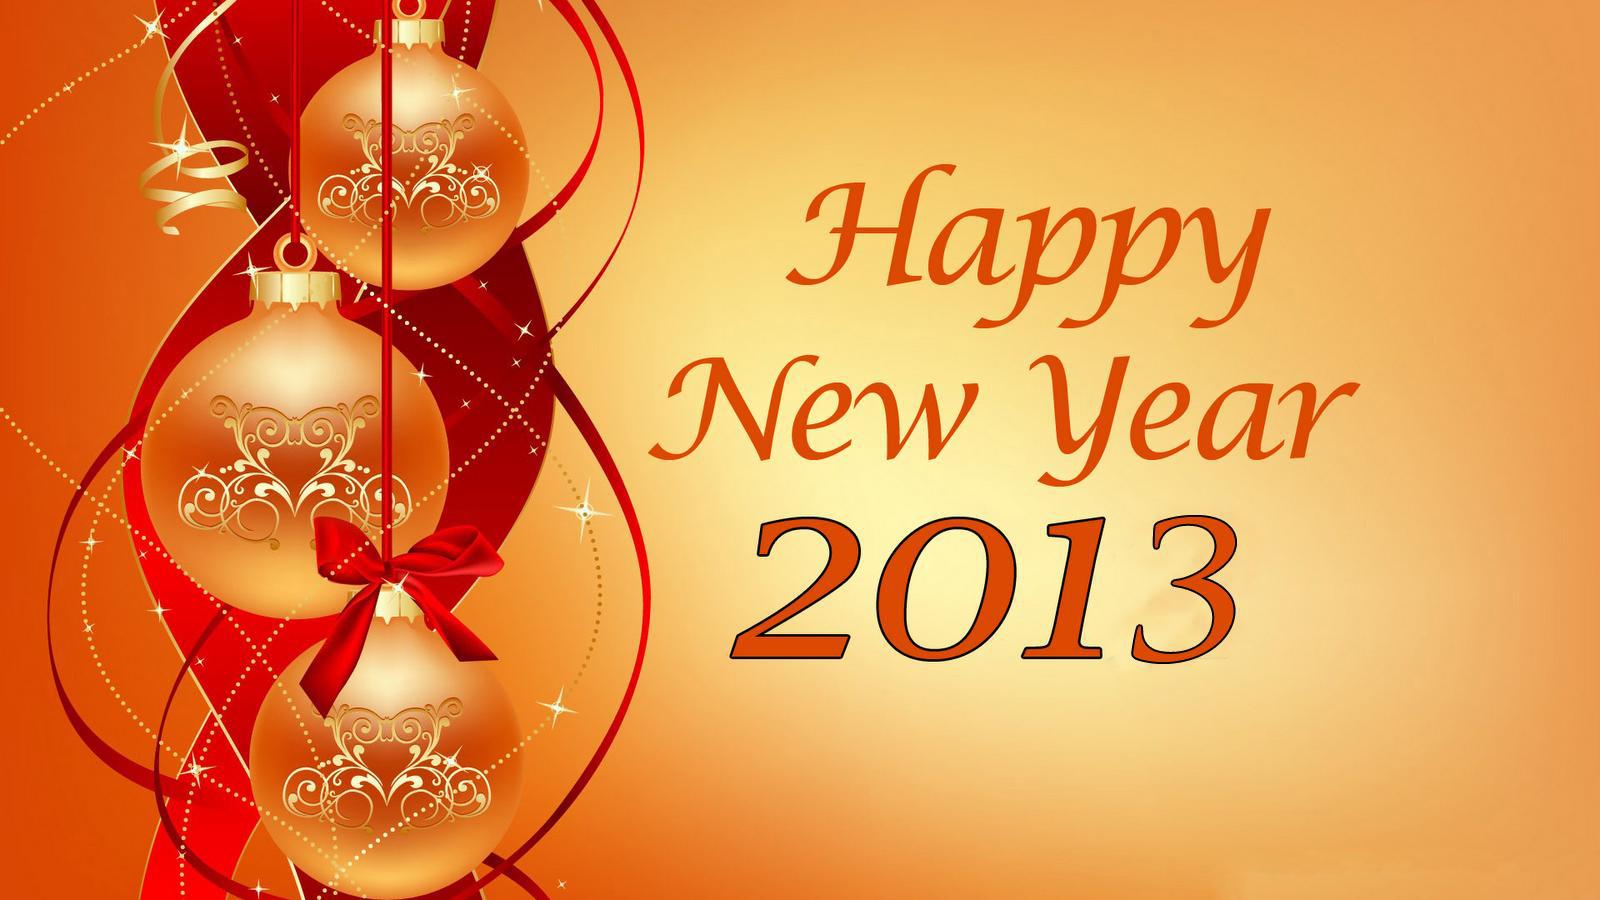 http://3.bp.blogspot.com/-s0yPc_yAOPU/UOR1b5LKqsI/AAAAAAAABFQ/_3XR6u2waGM/s1600/HD-new-year-free-wallpaper-2013%255B1%255D.jpg